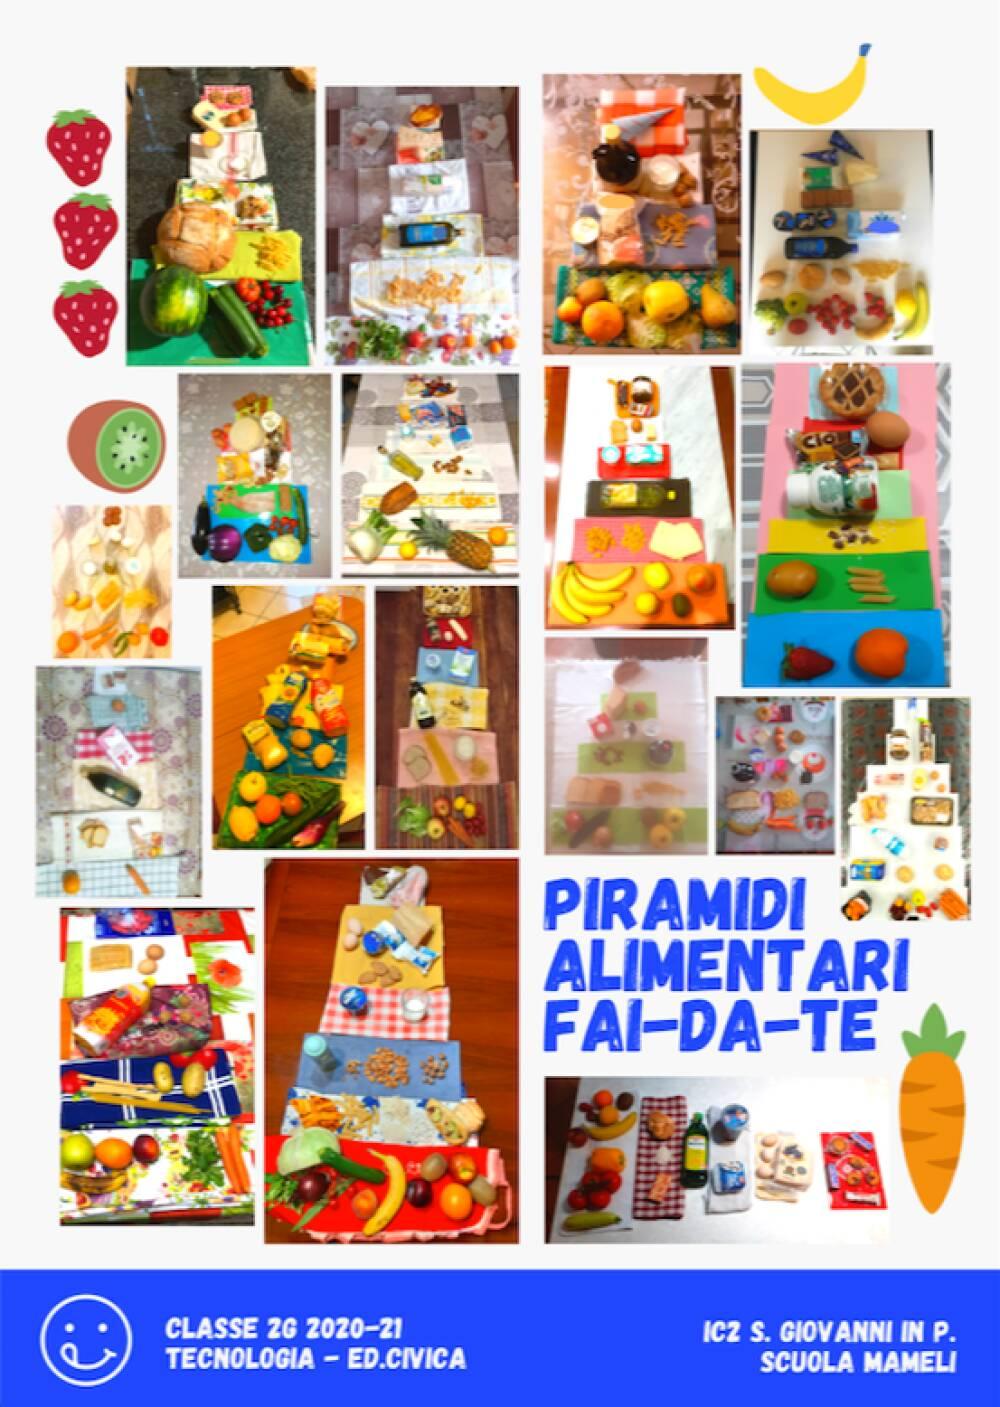 2G Piramidi alimentari 20-21